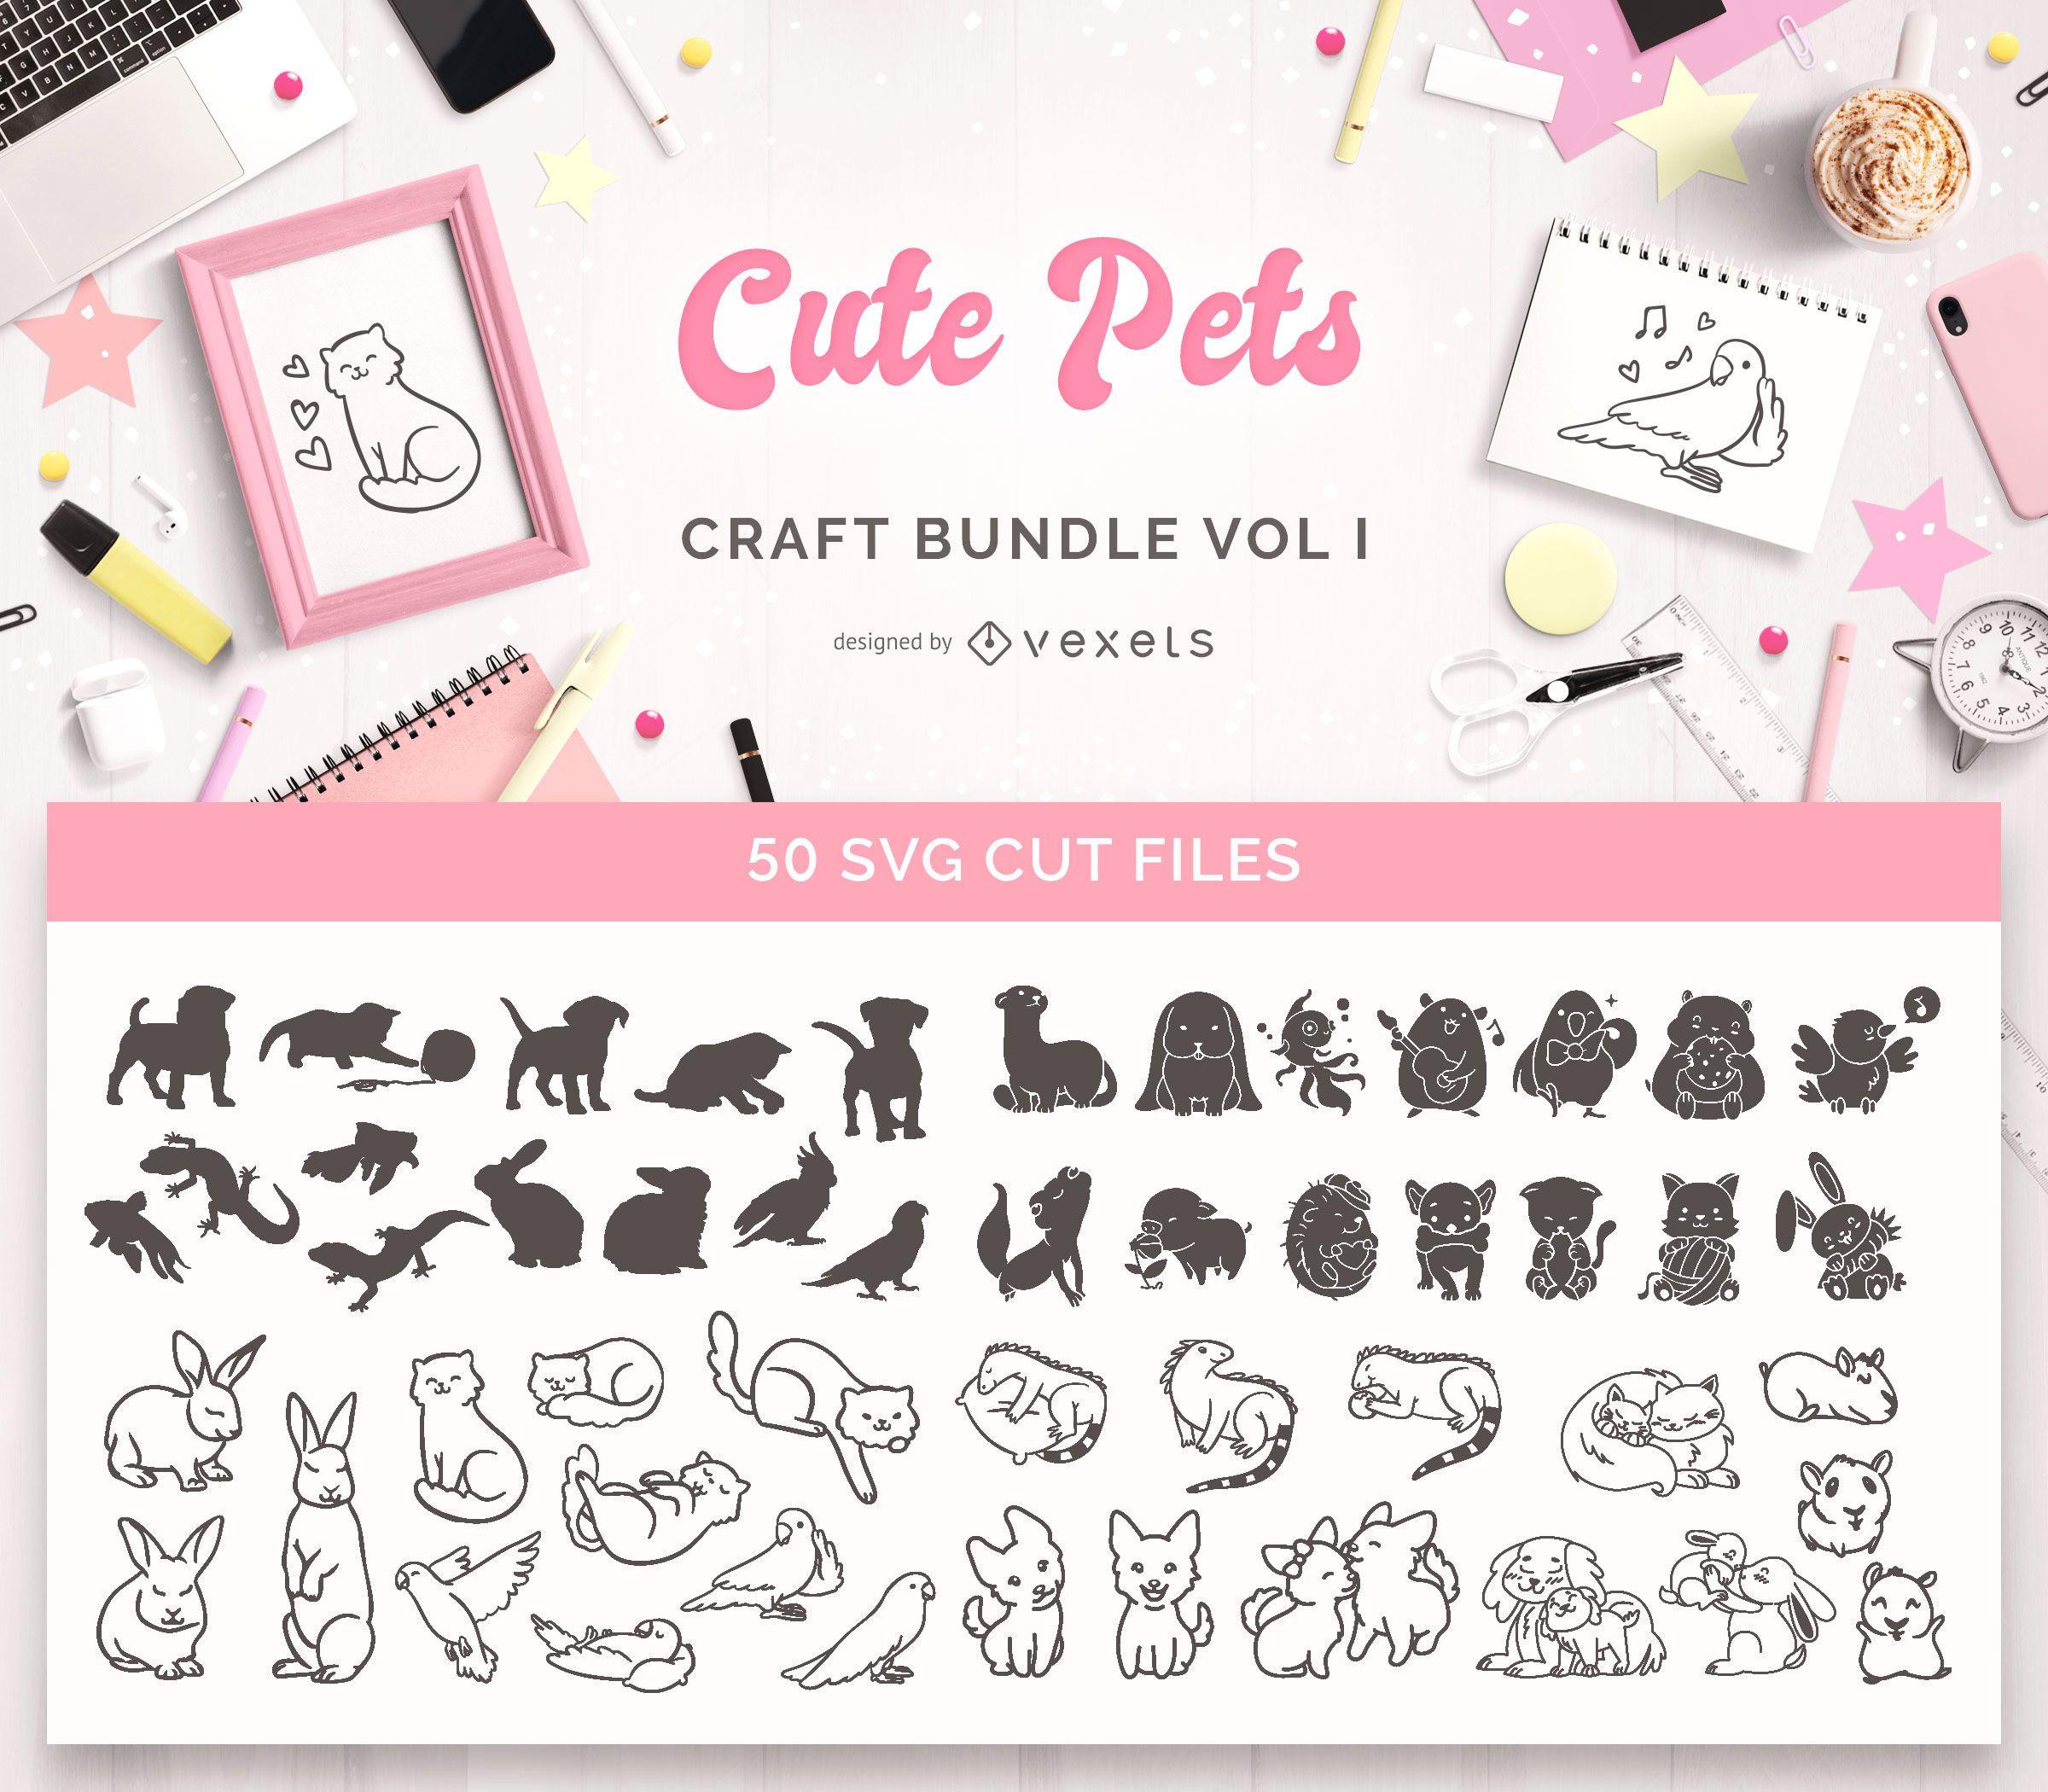 Paquete de manualidades de Cute Pets Vol I